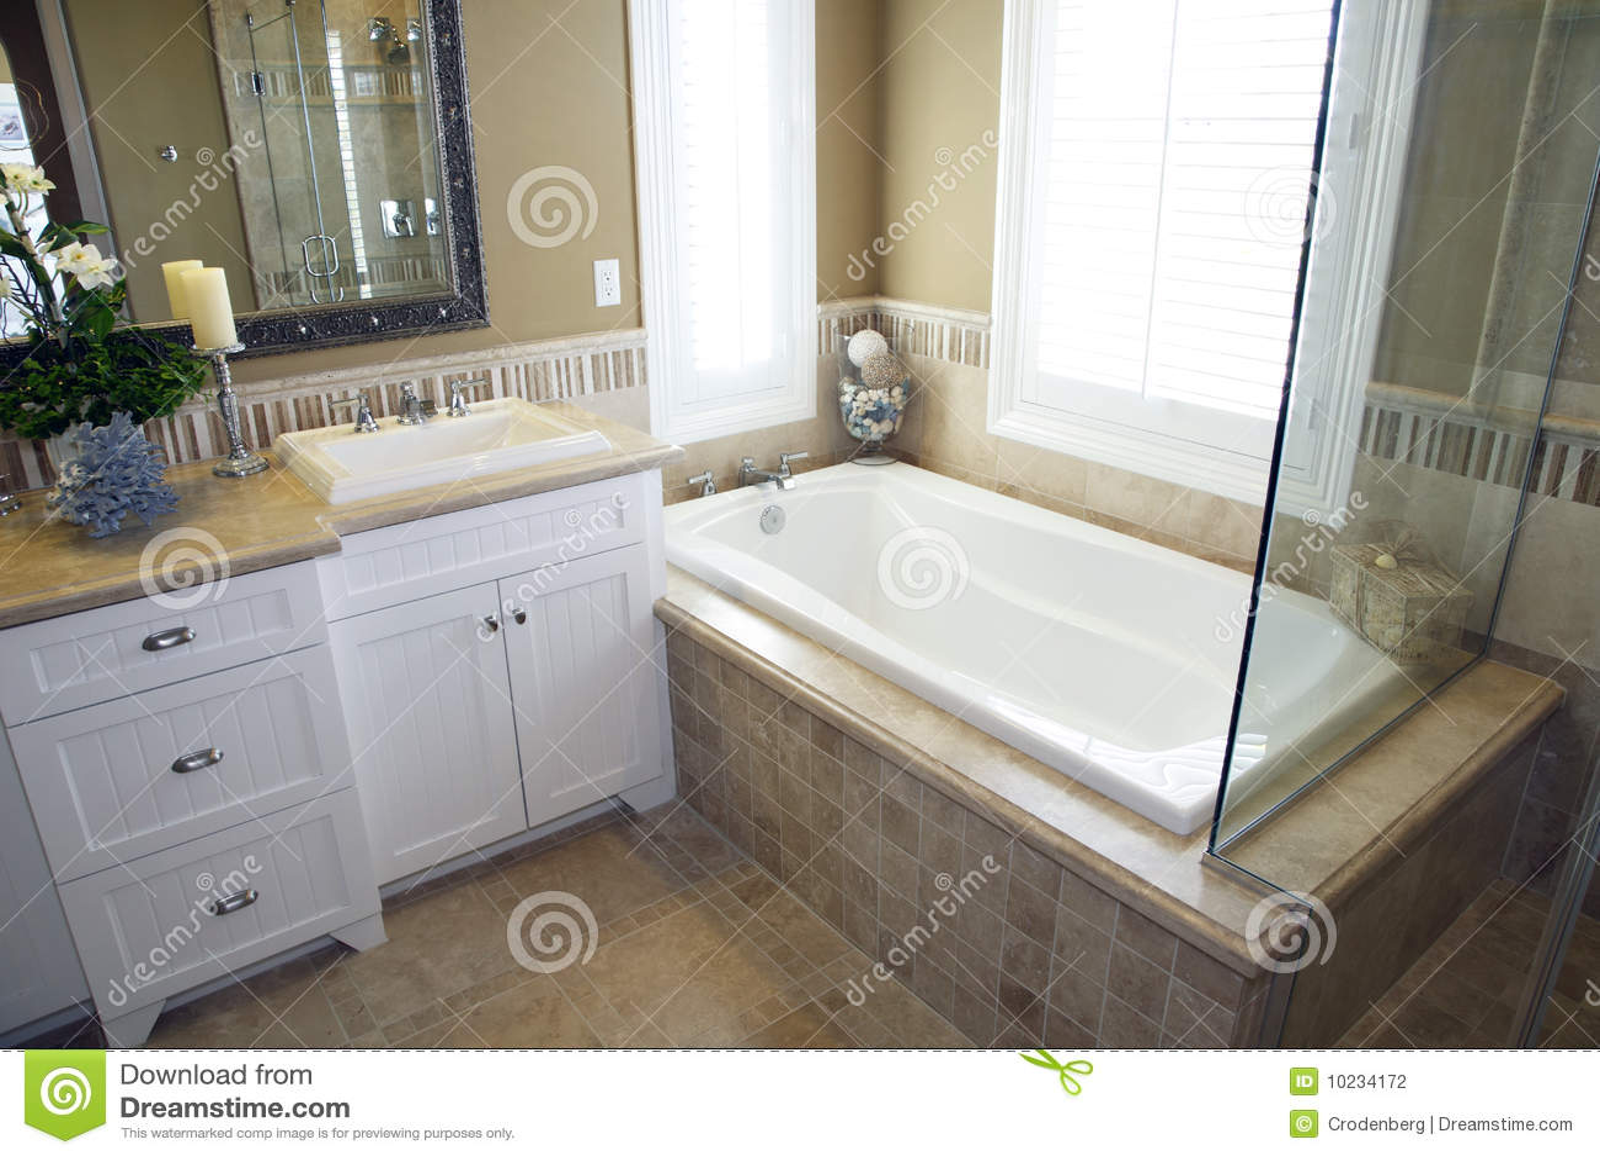 Decoracion Baños Tina:Cuarto De Baño Con Una Tina Moderna Fotografía de archivo – Imagen